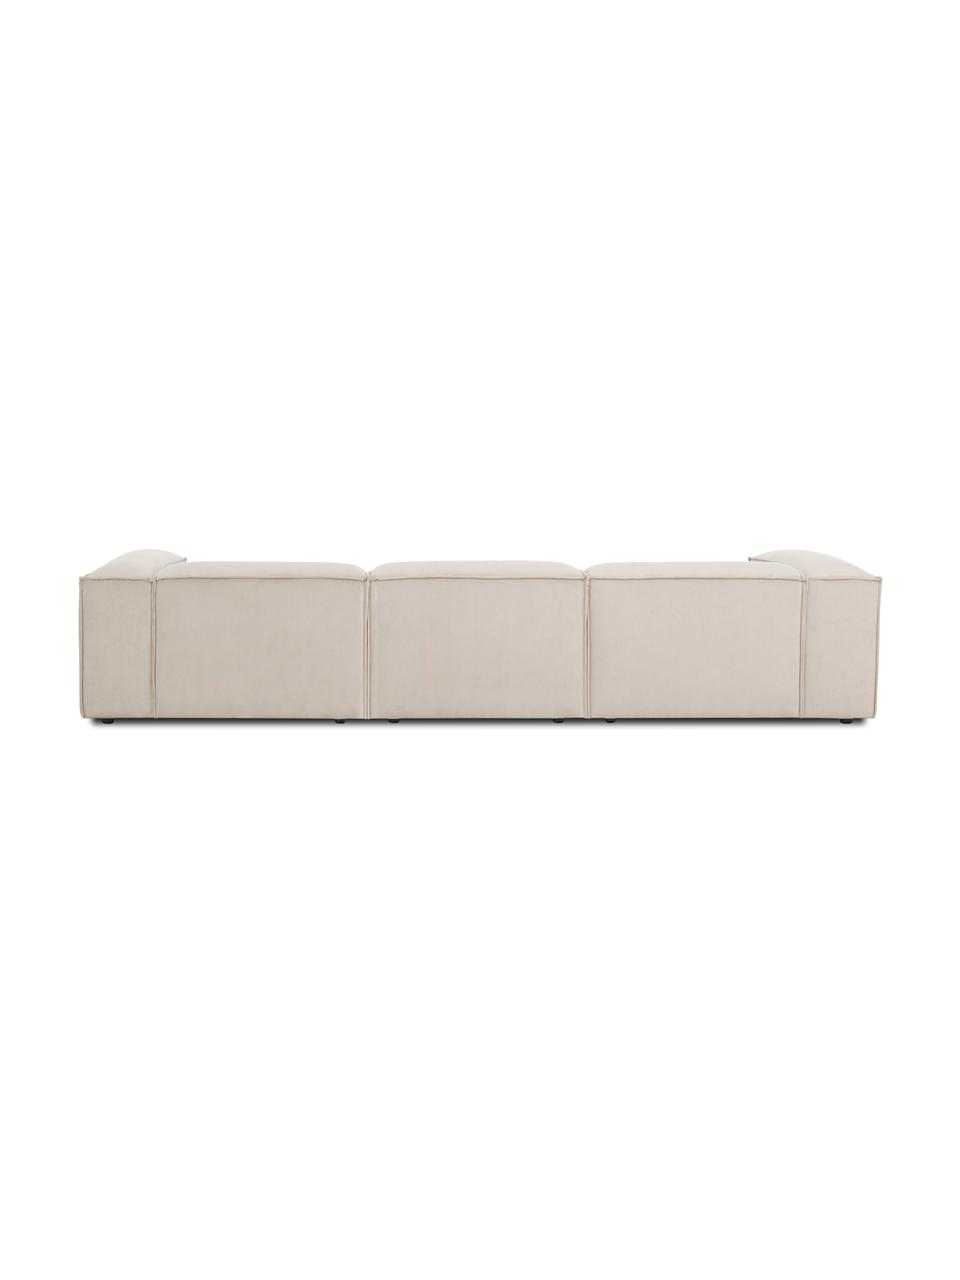 Modulaire bank Lennon (4-zits) in beige van corduroy, Bekleding: corduroy (92% polyester, , Frame: massief grenenhout, multi, Poten: kunststof De poten bevind, Corduroy beige, 327 x 119 cm